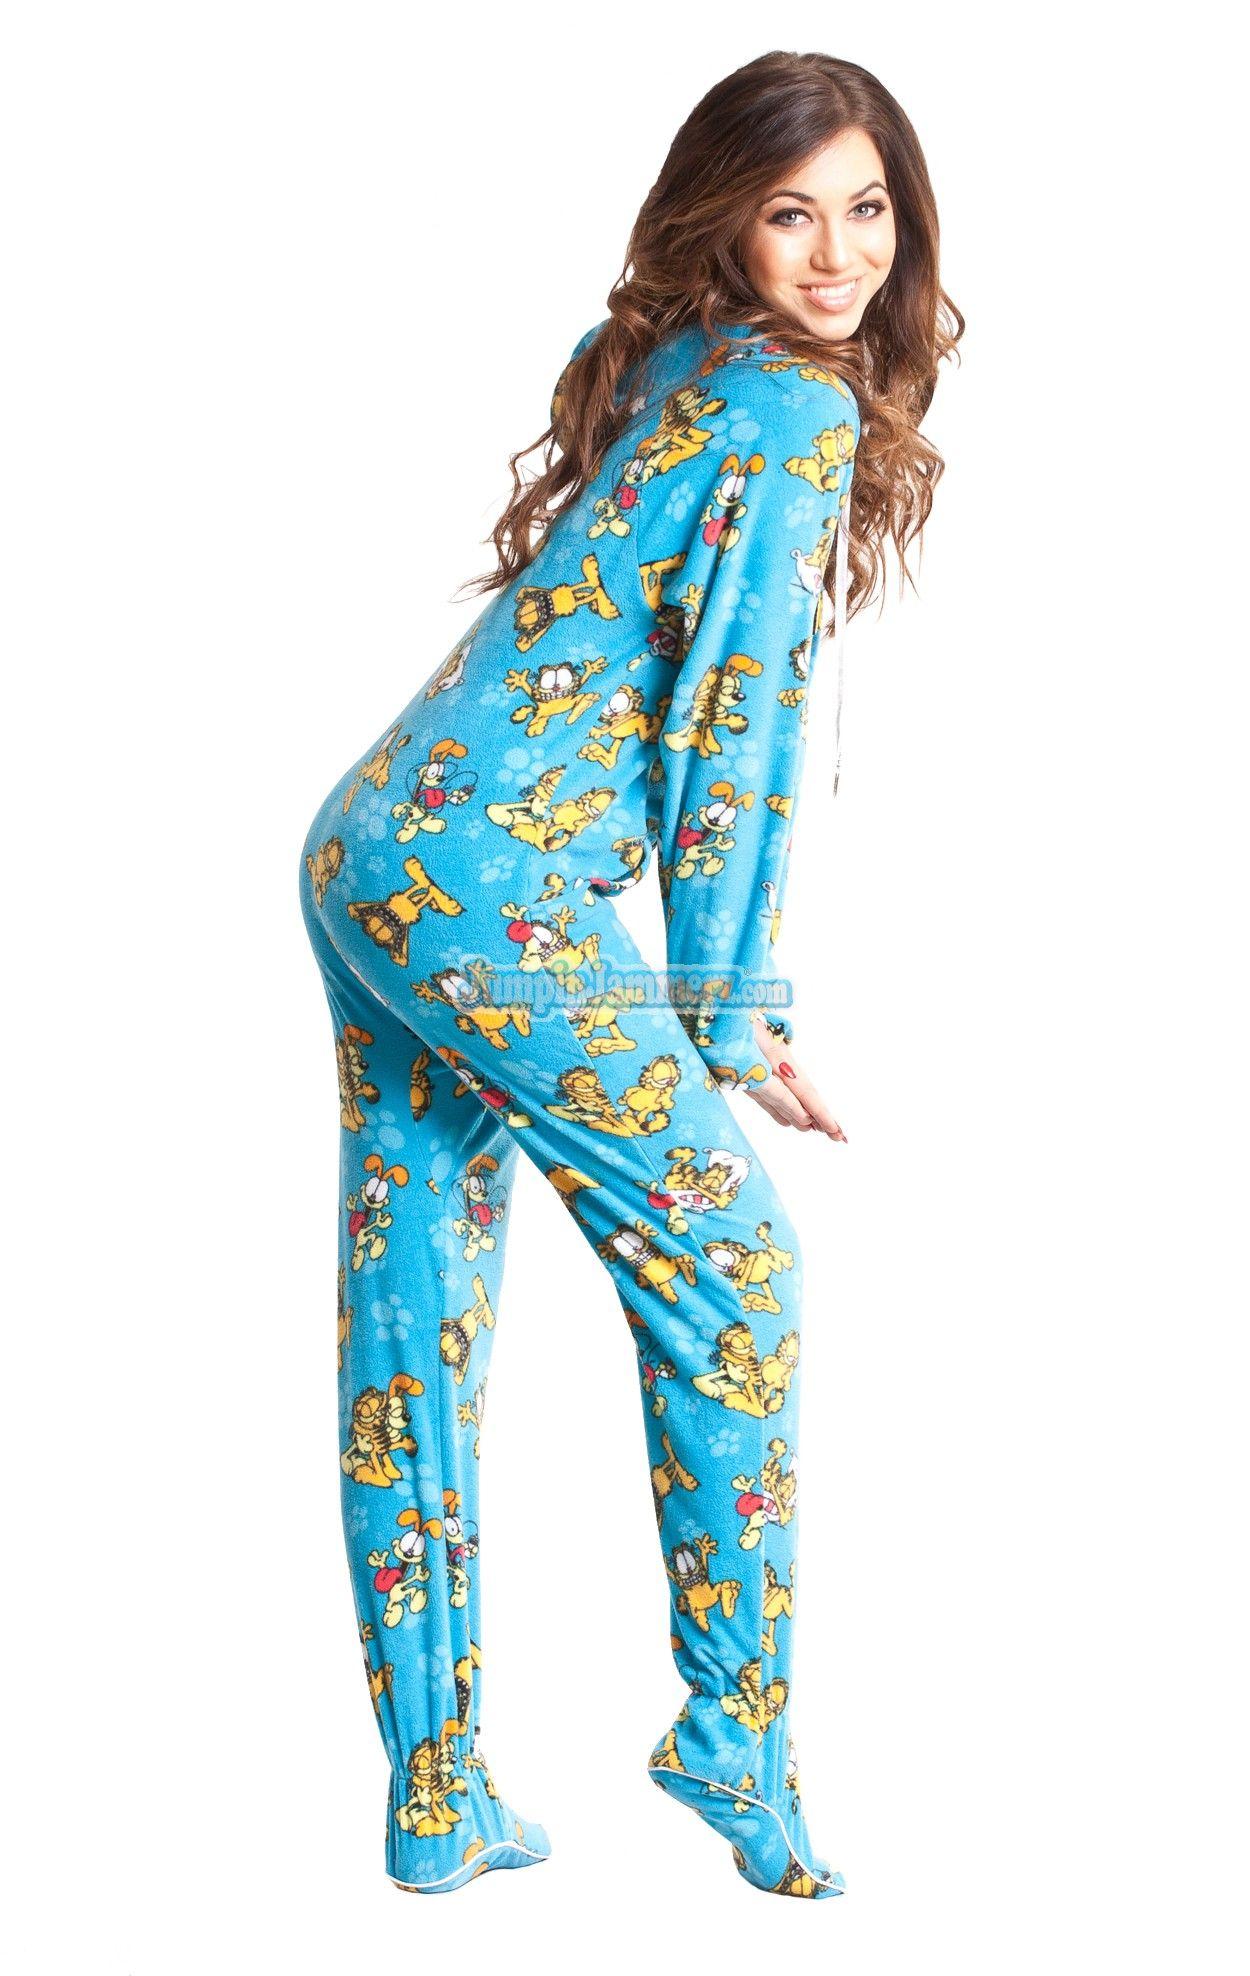 a2492236dd Garfield and Odie Pajamas Footie PJs Onesies One Piece Adult Pajamas ...